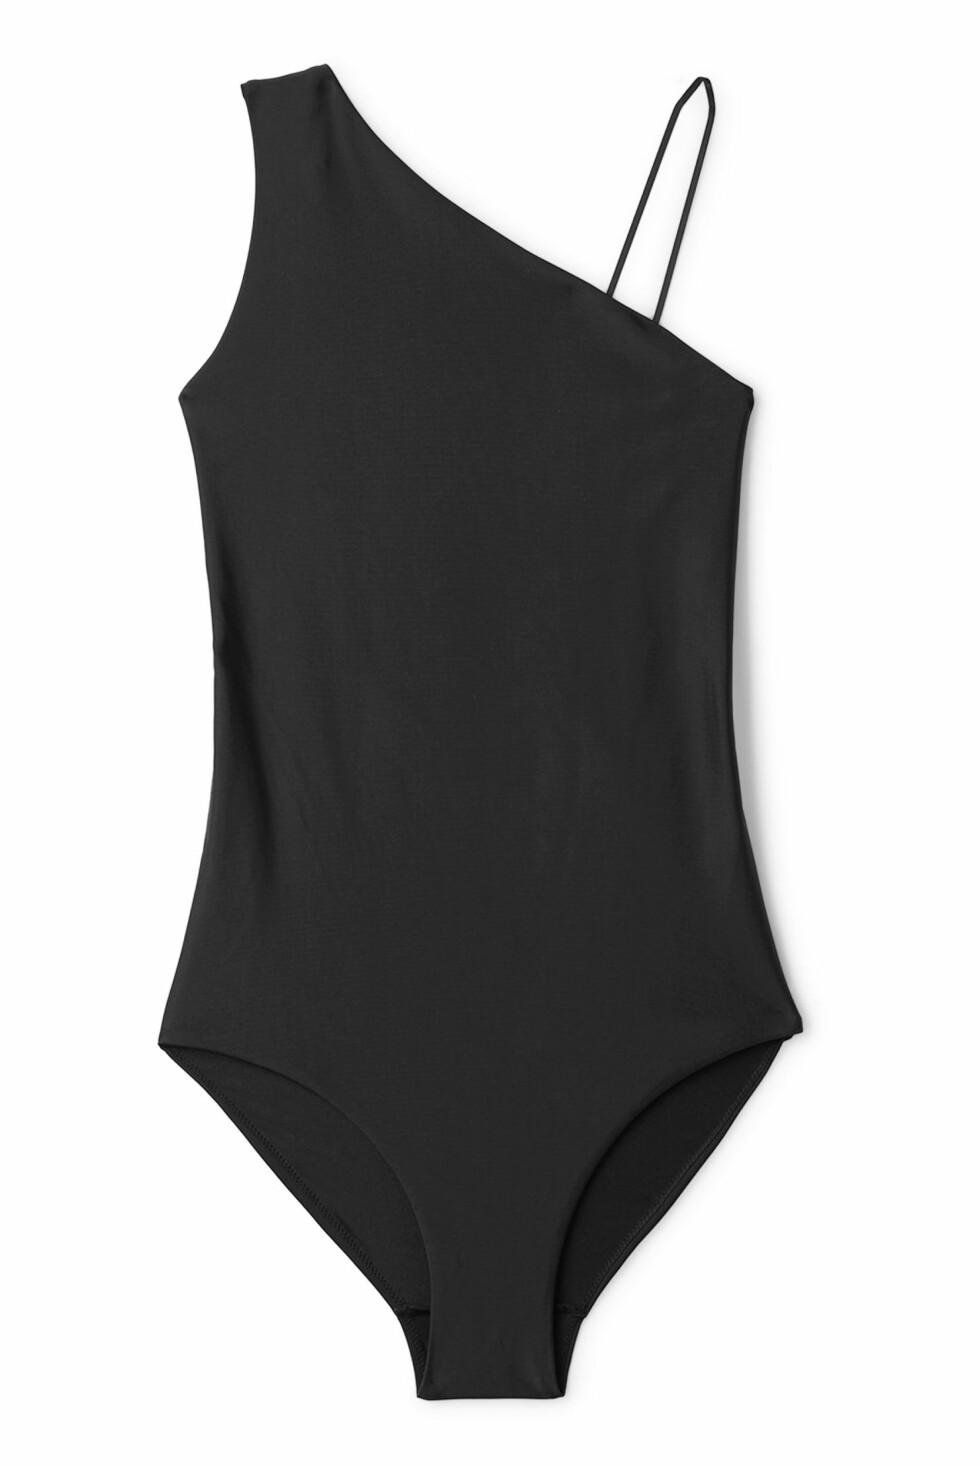 Svart badedrakt fra Weekday |250,-| https://www.weekday.com/en_sek/women/categories/swimwear/one-pieces/product.flora-swimsuit-black.0565094001.html